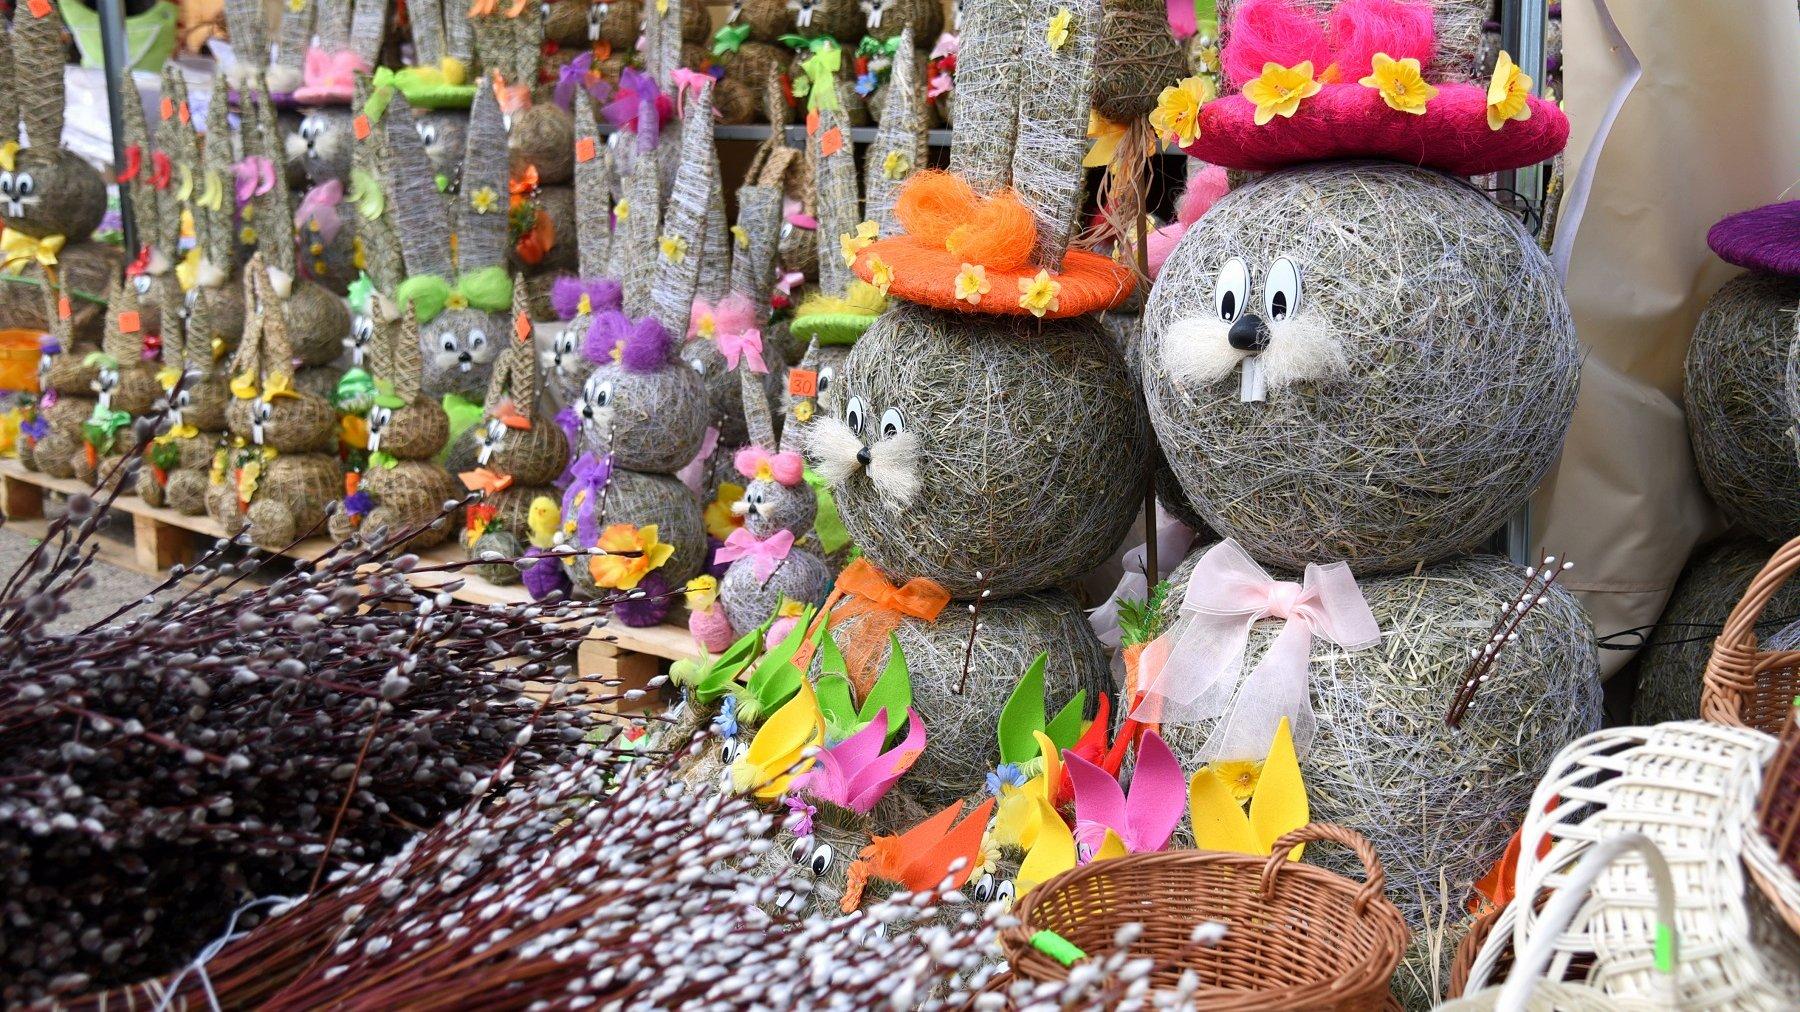 Tak jak w latach ubiegłych, w ramach Jarmarku Wielkanocnego na poznaniaków i turystów czeka bogata oferta handlowa oraz wiele wydarzeń kulturalnych